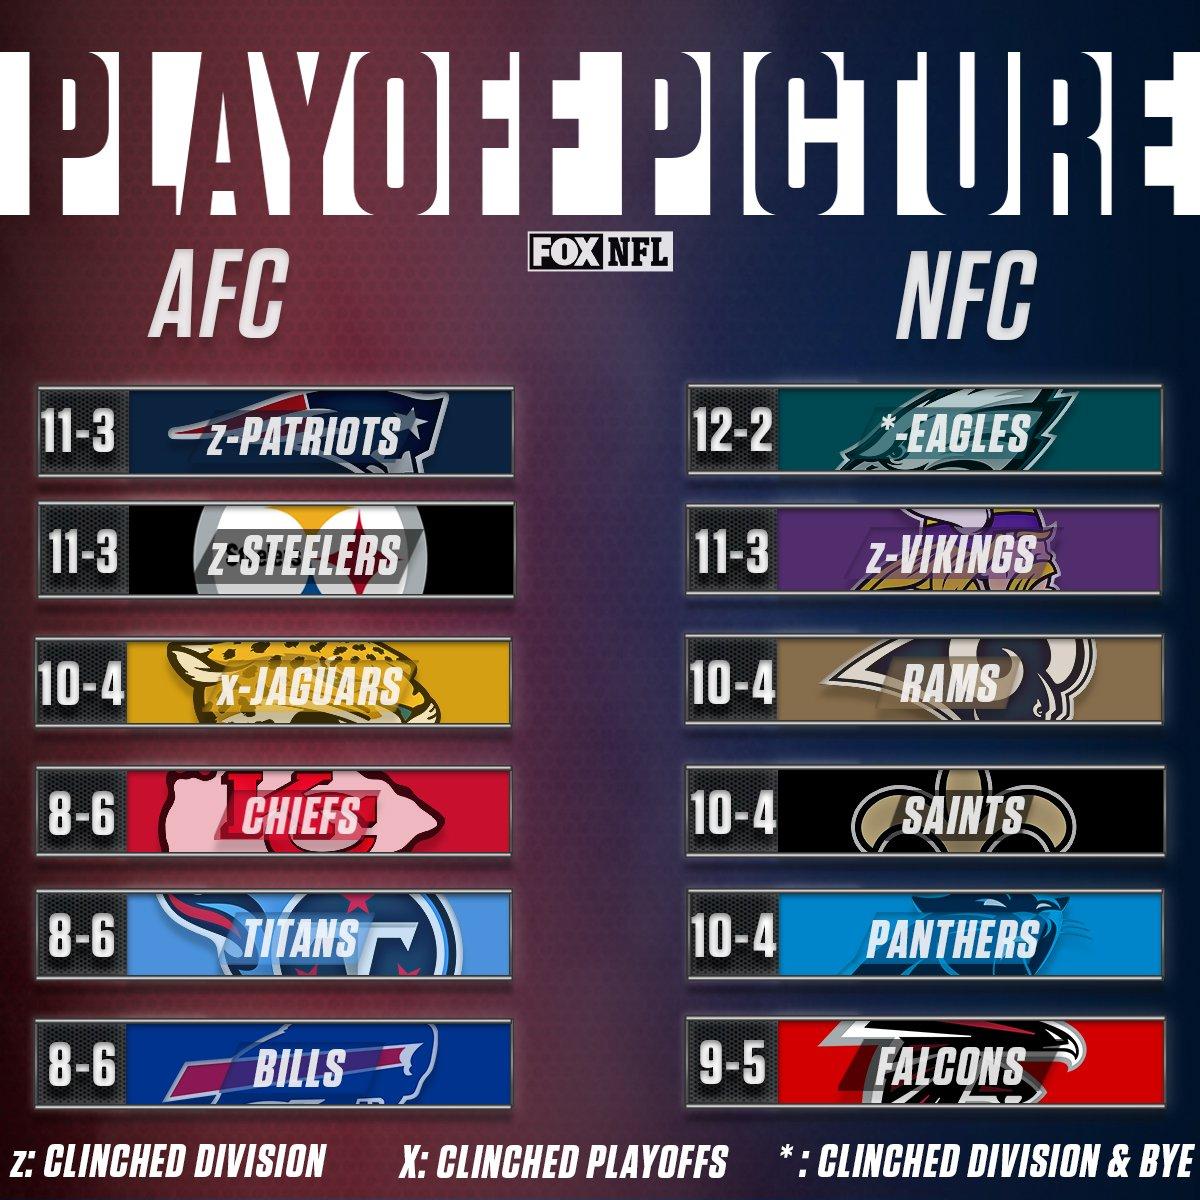 NFLonFOX NFLonFOX